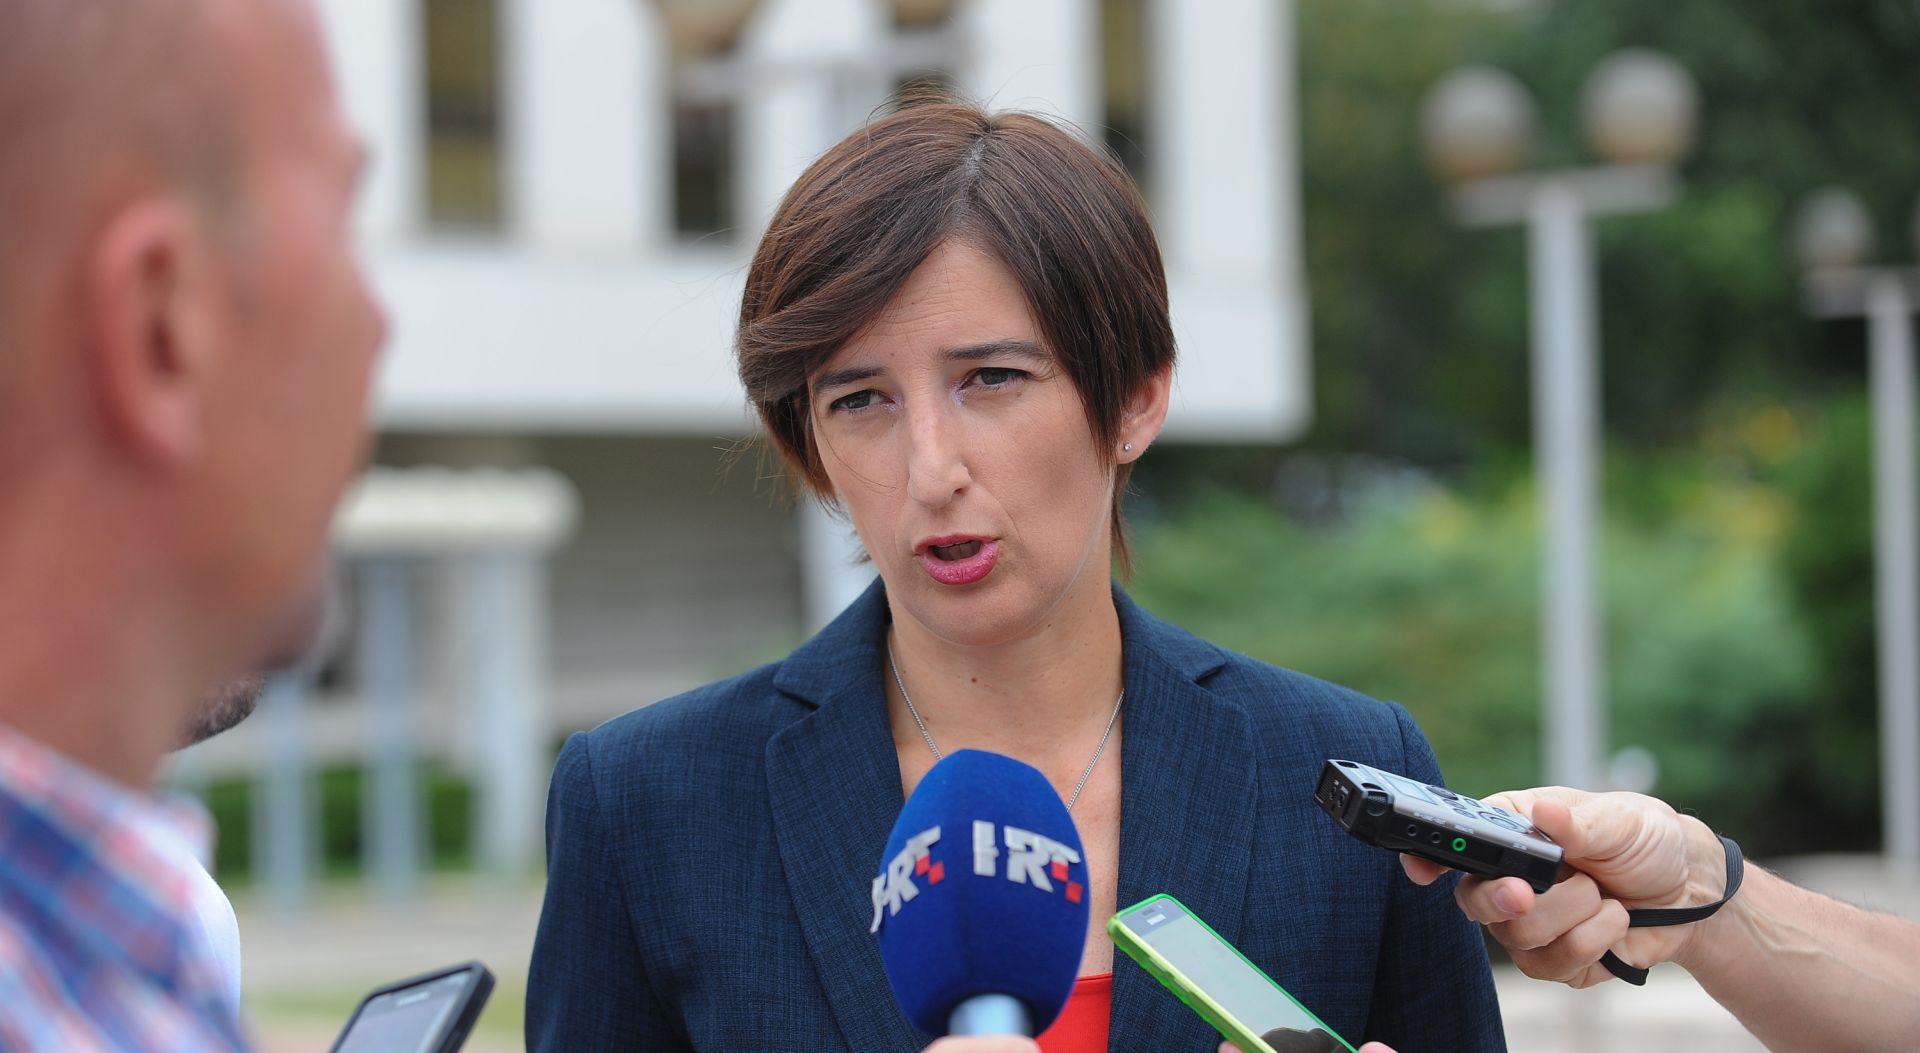 """PAMETNO """"Jučer je Opara uzeo umirovljenicima da bi mogao financirati HDZ-ove savjetnike"""""""